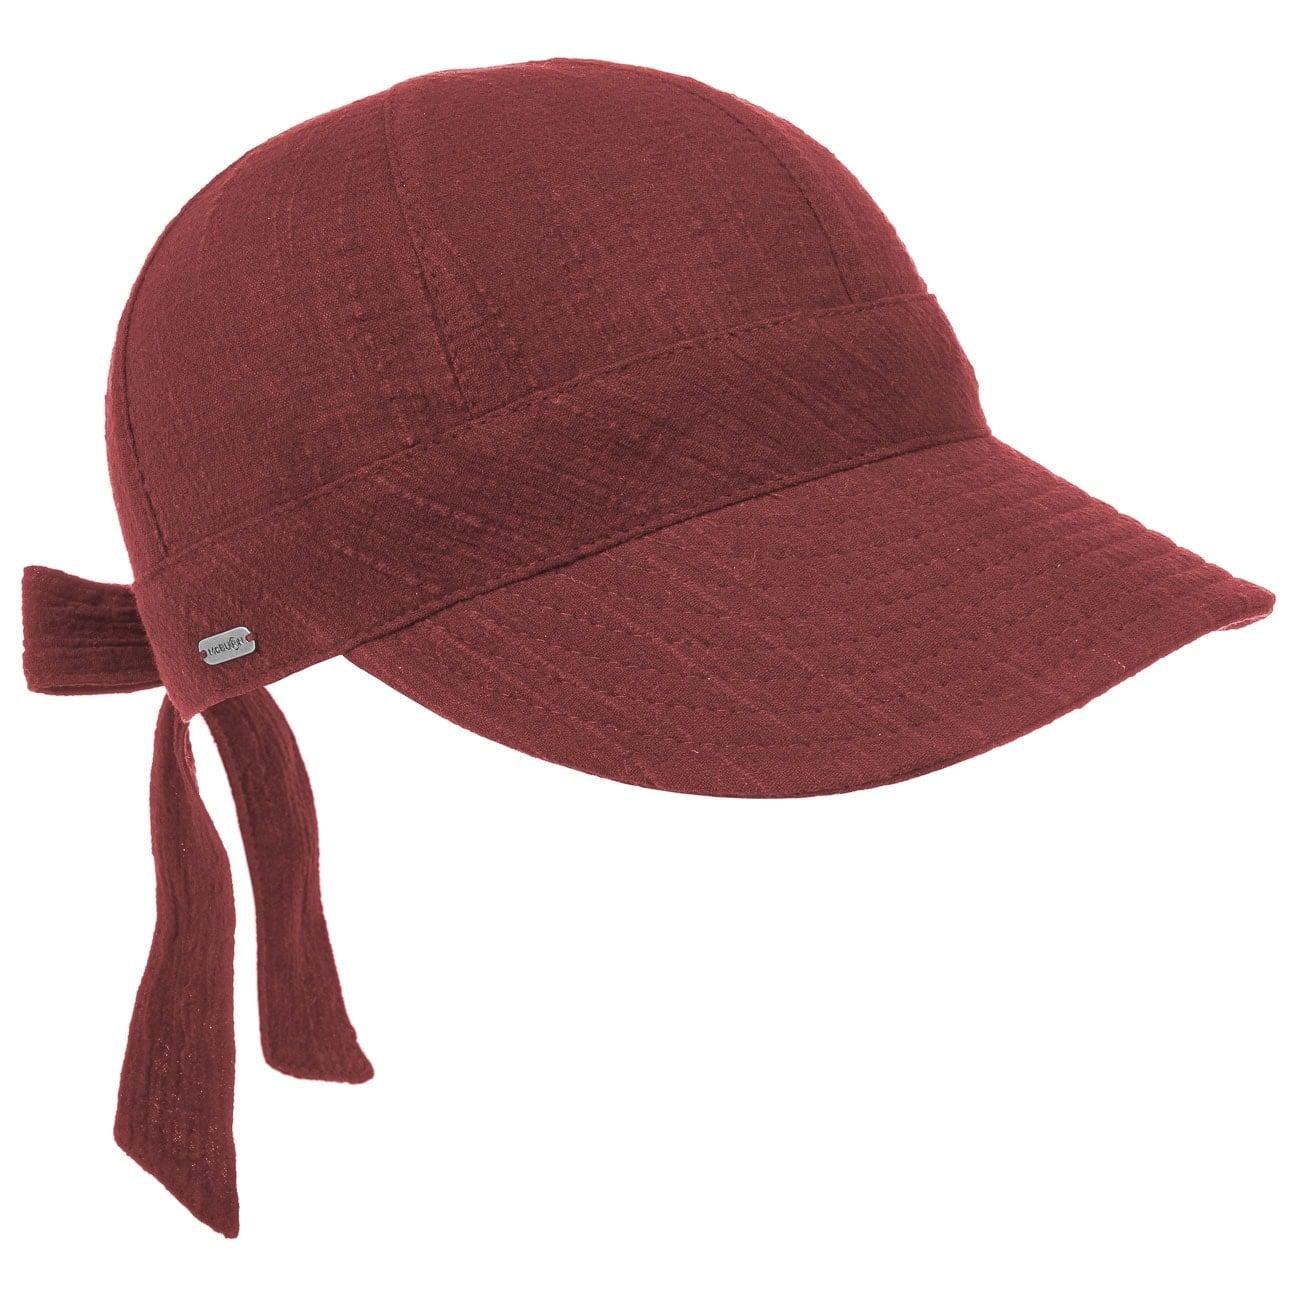 Gorra de Mujer Manuela by McBURN  gorra de sol